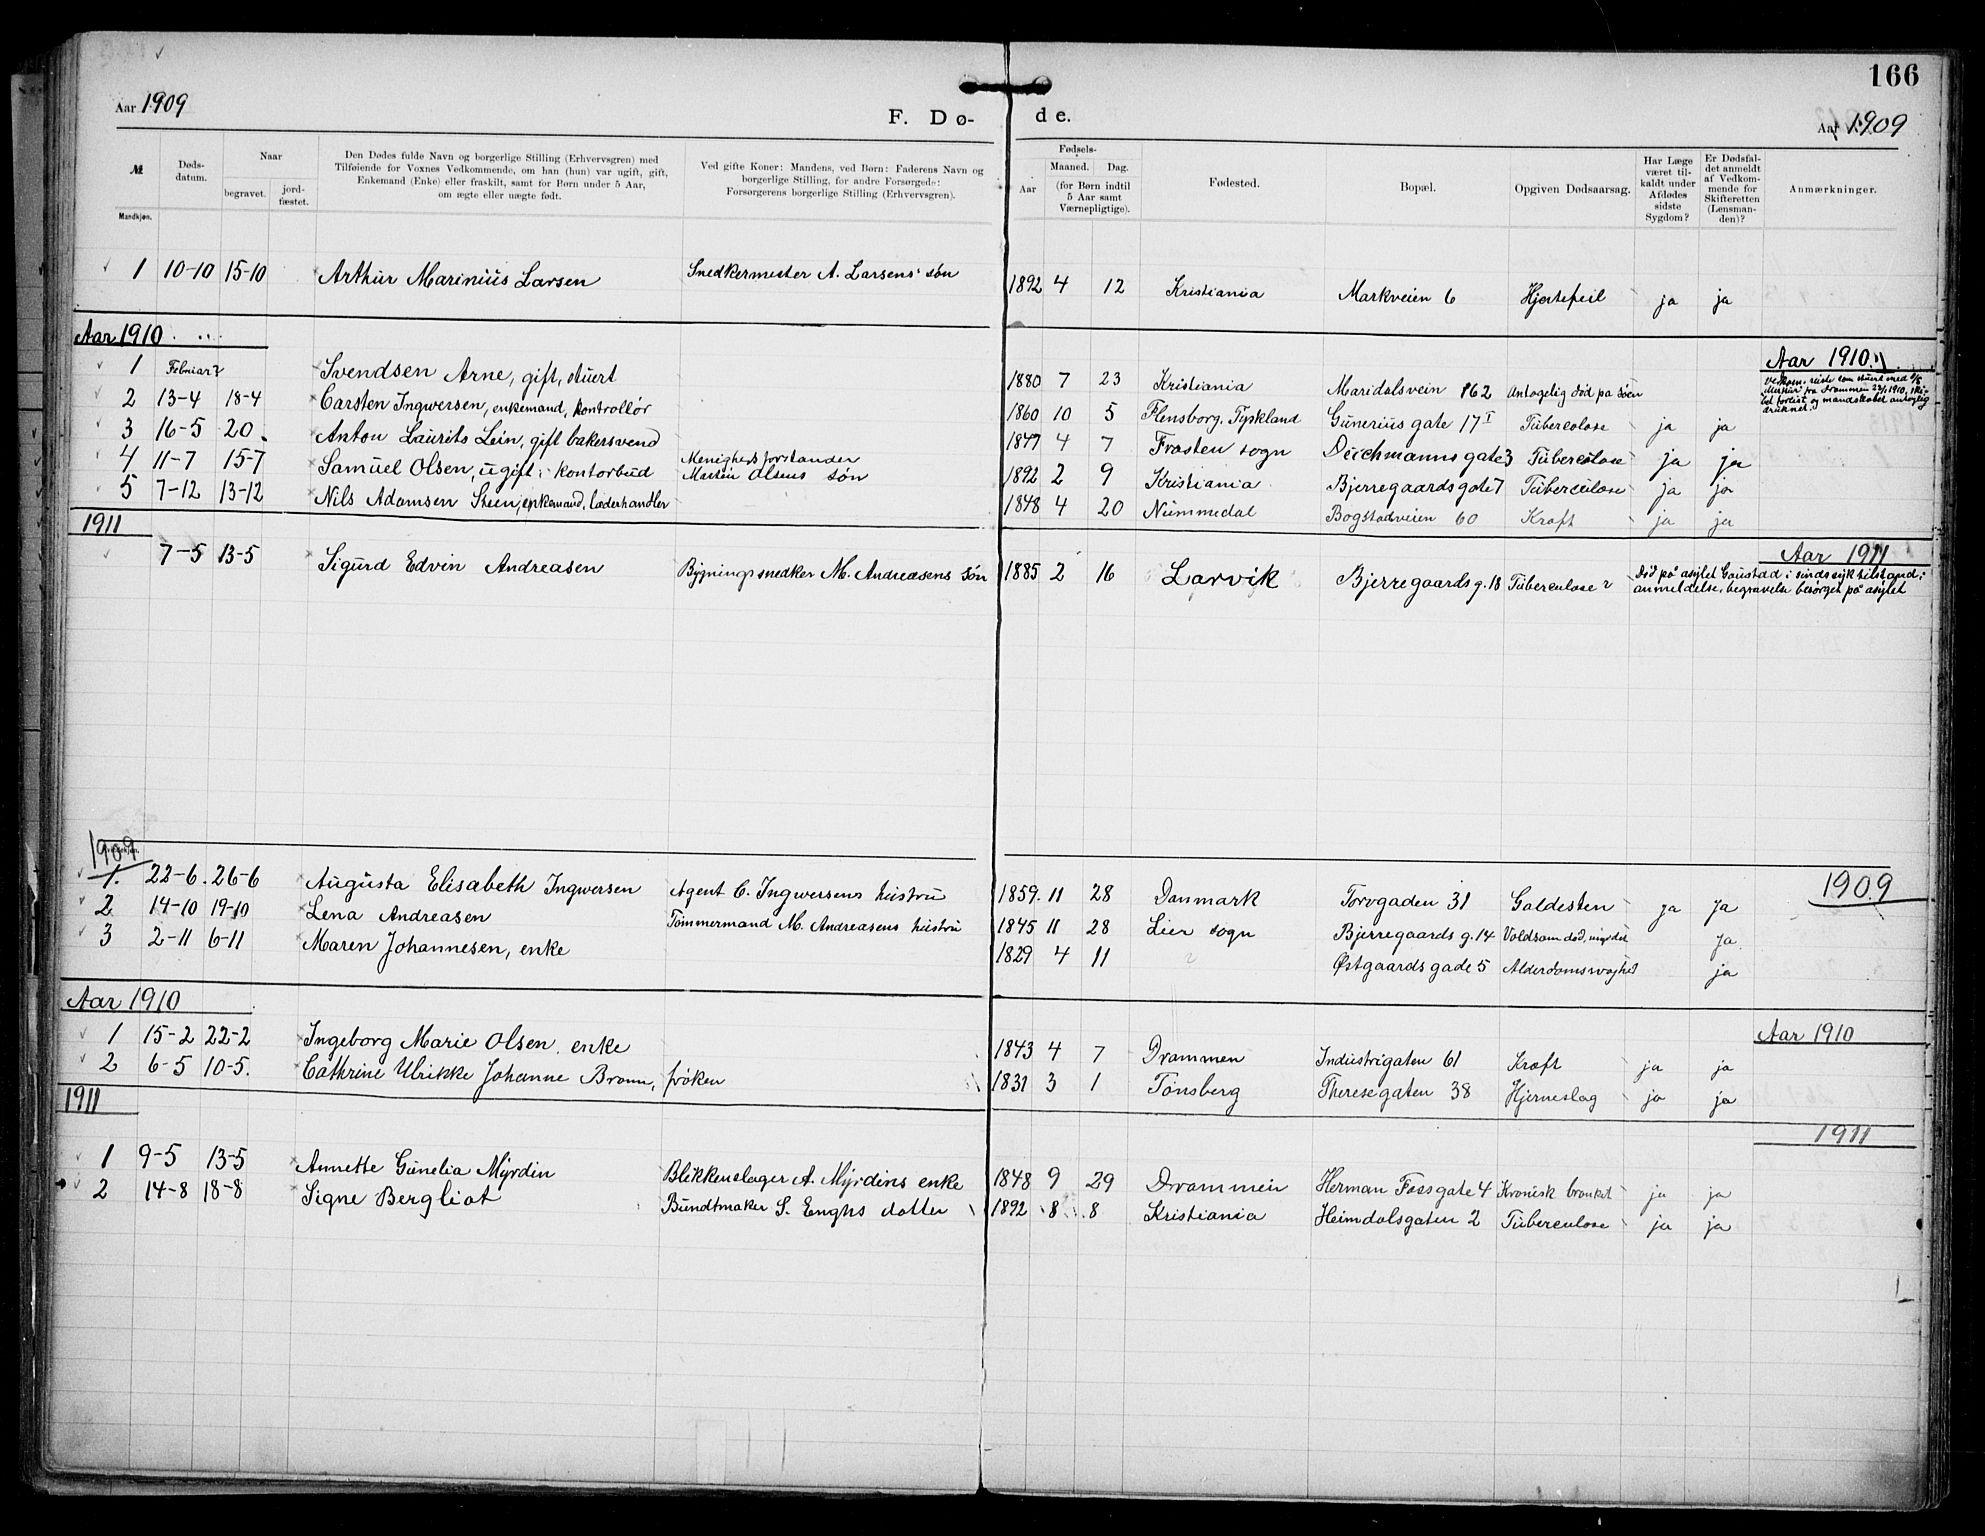 SAO, Den katolsk apostoliske menighet i Oslo , F/Fa/L0002: Dissenter register no. 2, 1892-1937, p. 166